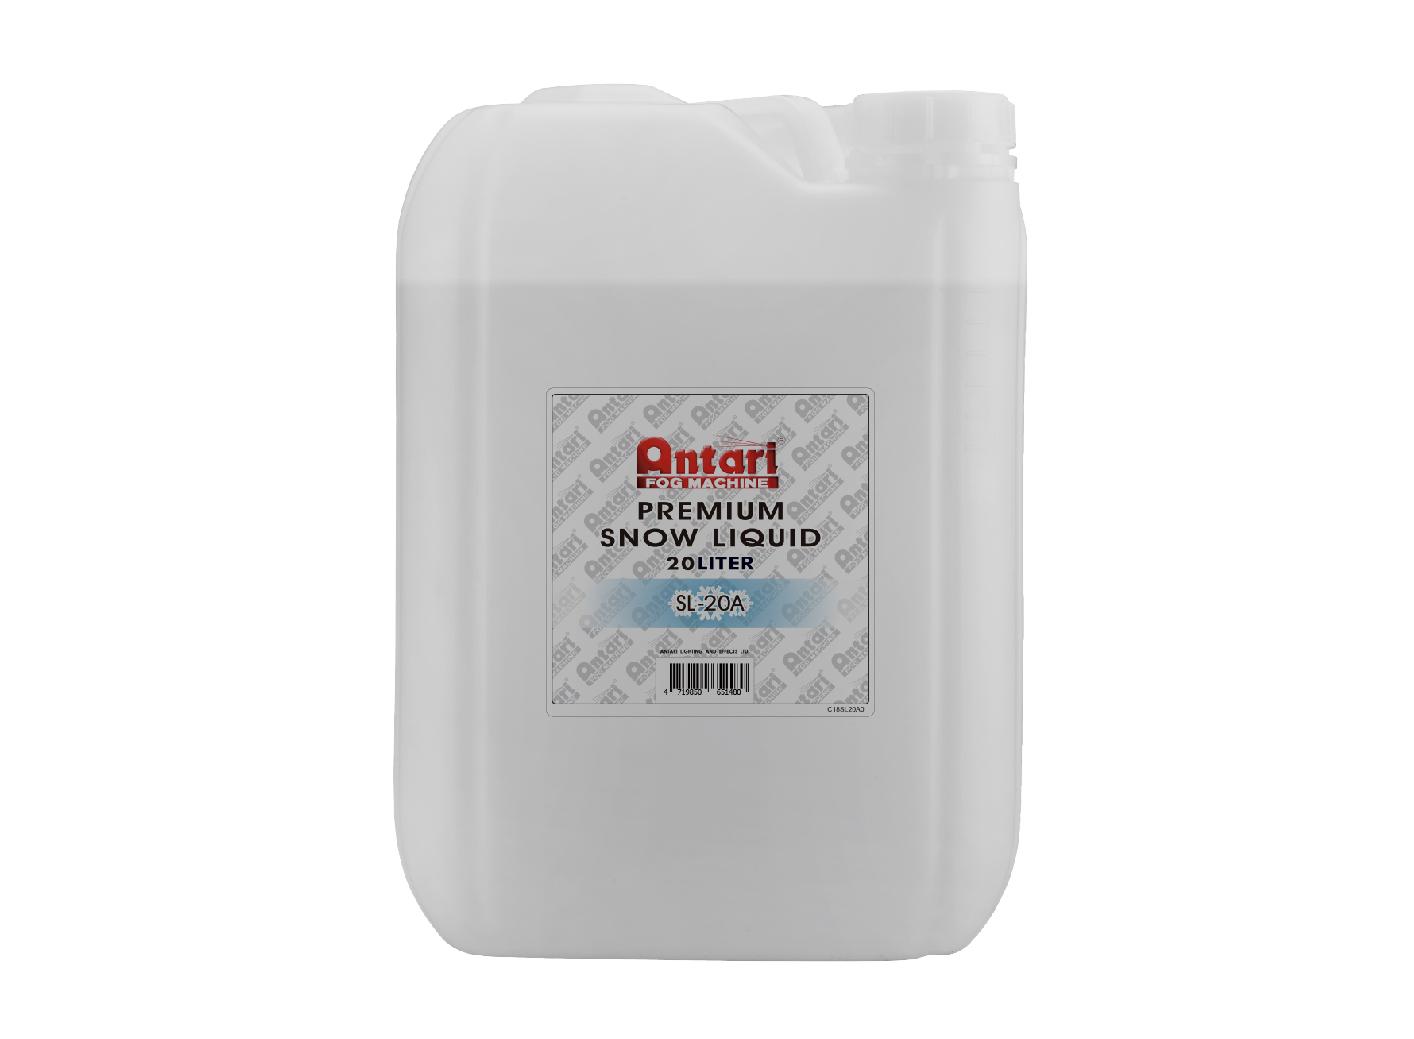 Fluid_SL-20A Premium Snow Liquid